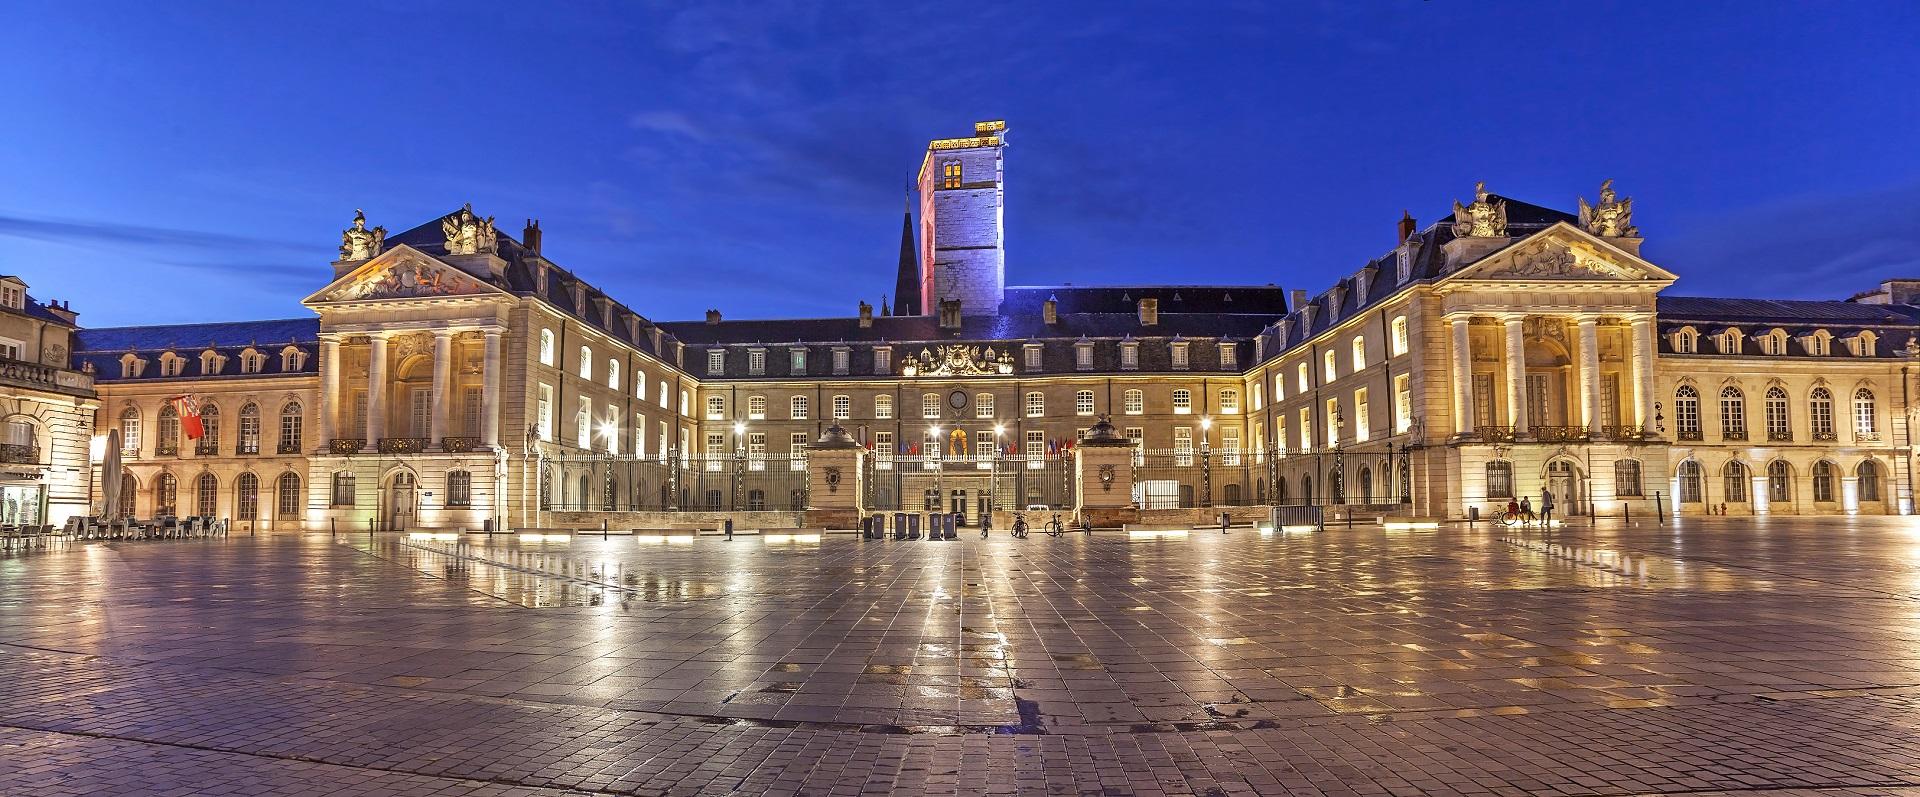 Dijon Place de la Libération